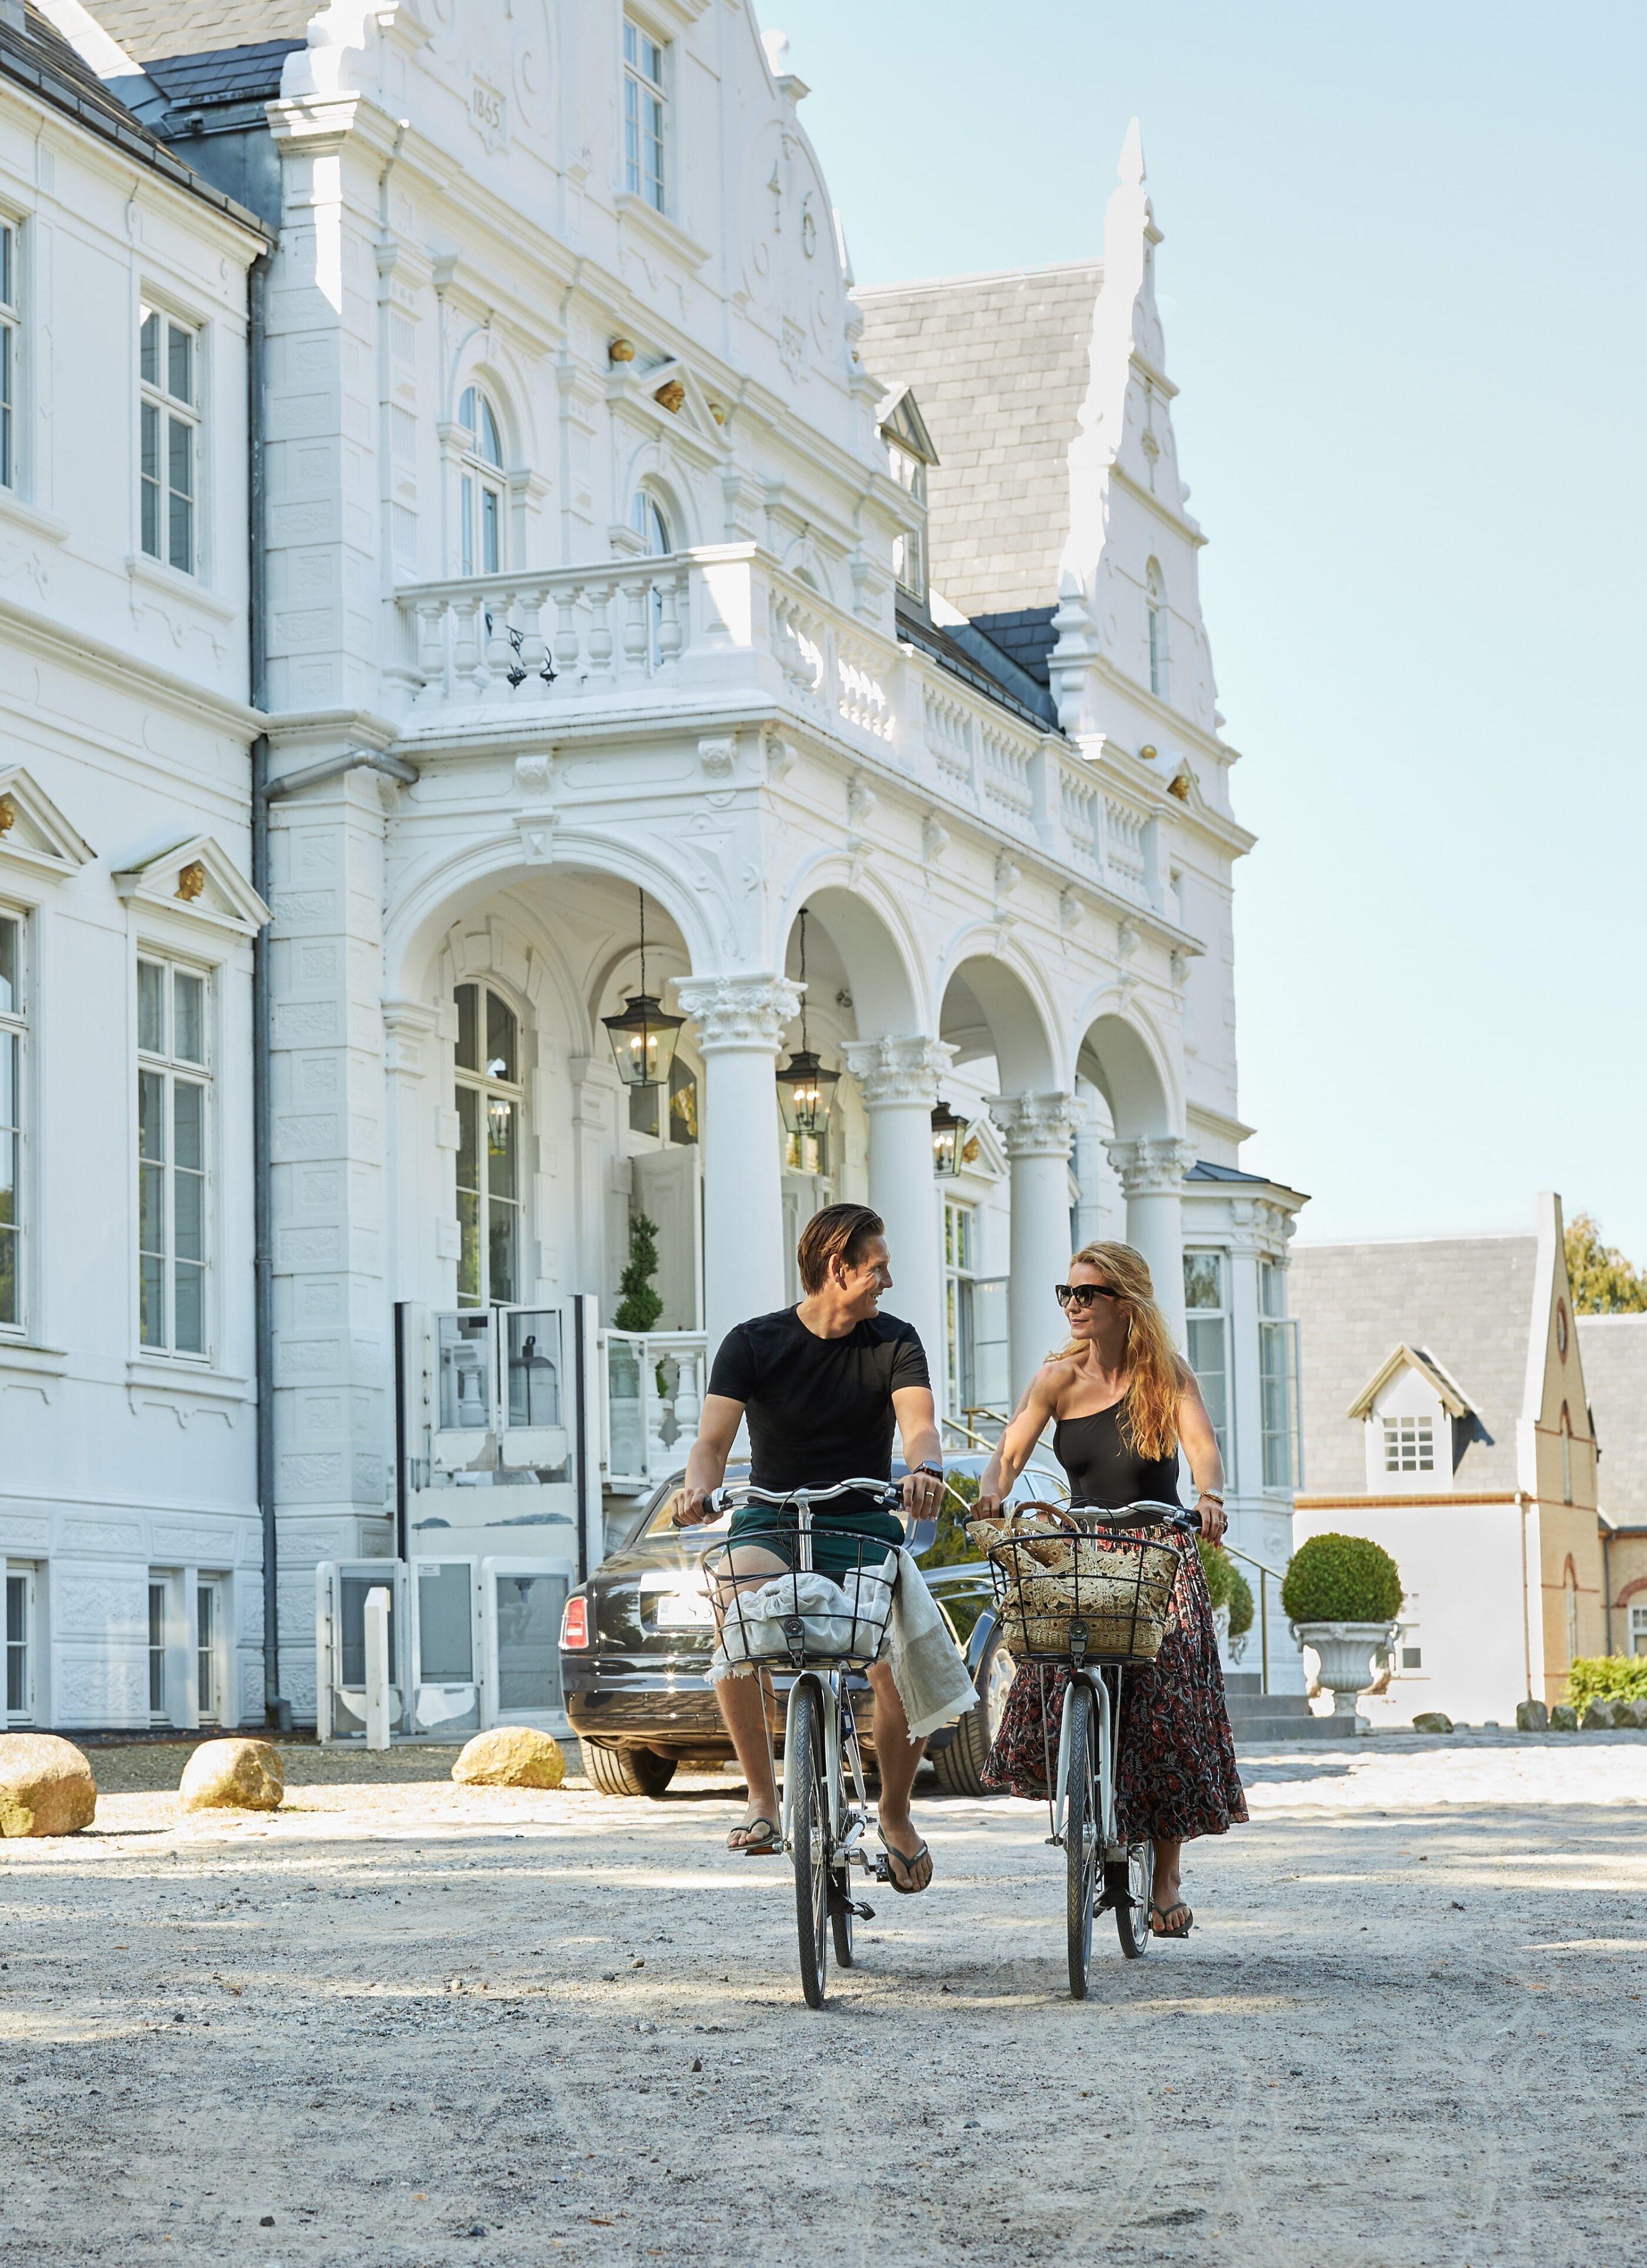 En mand og en kvinde er ved at starte en hyggelig cykeltur med hotellet i baggrunden